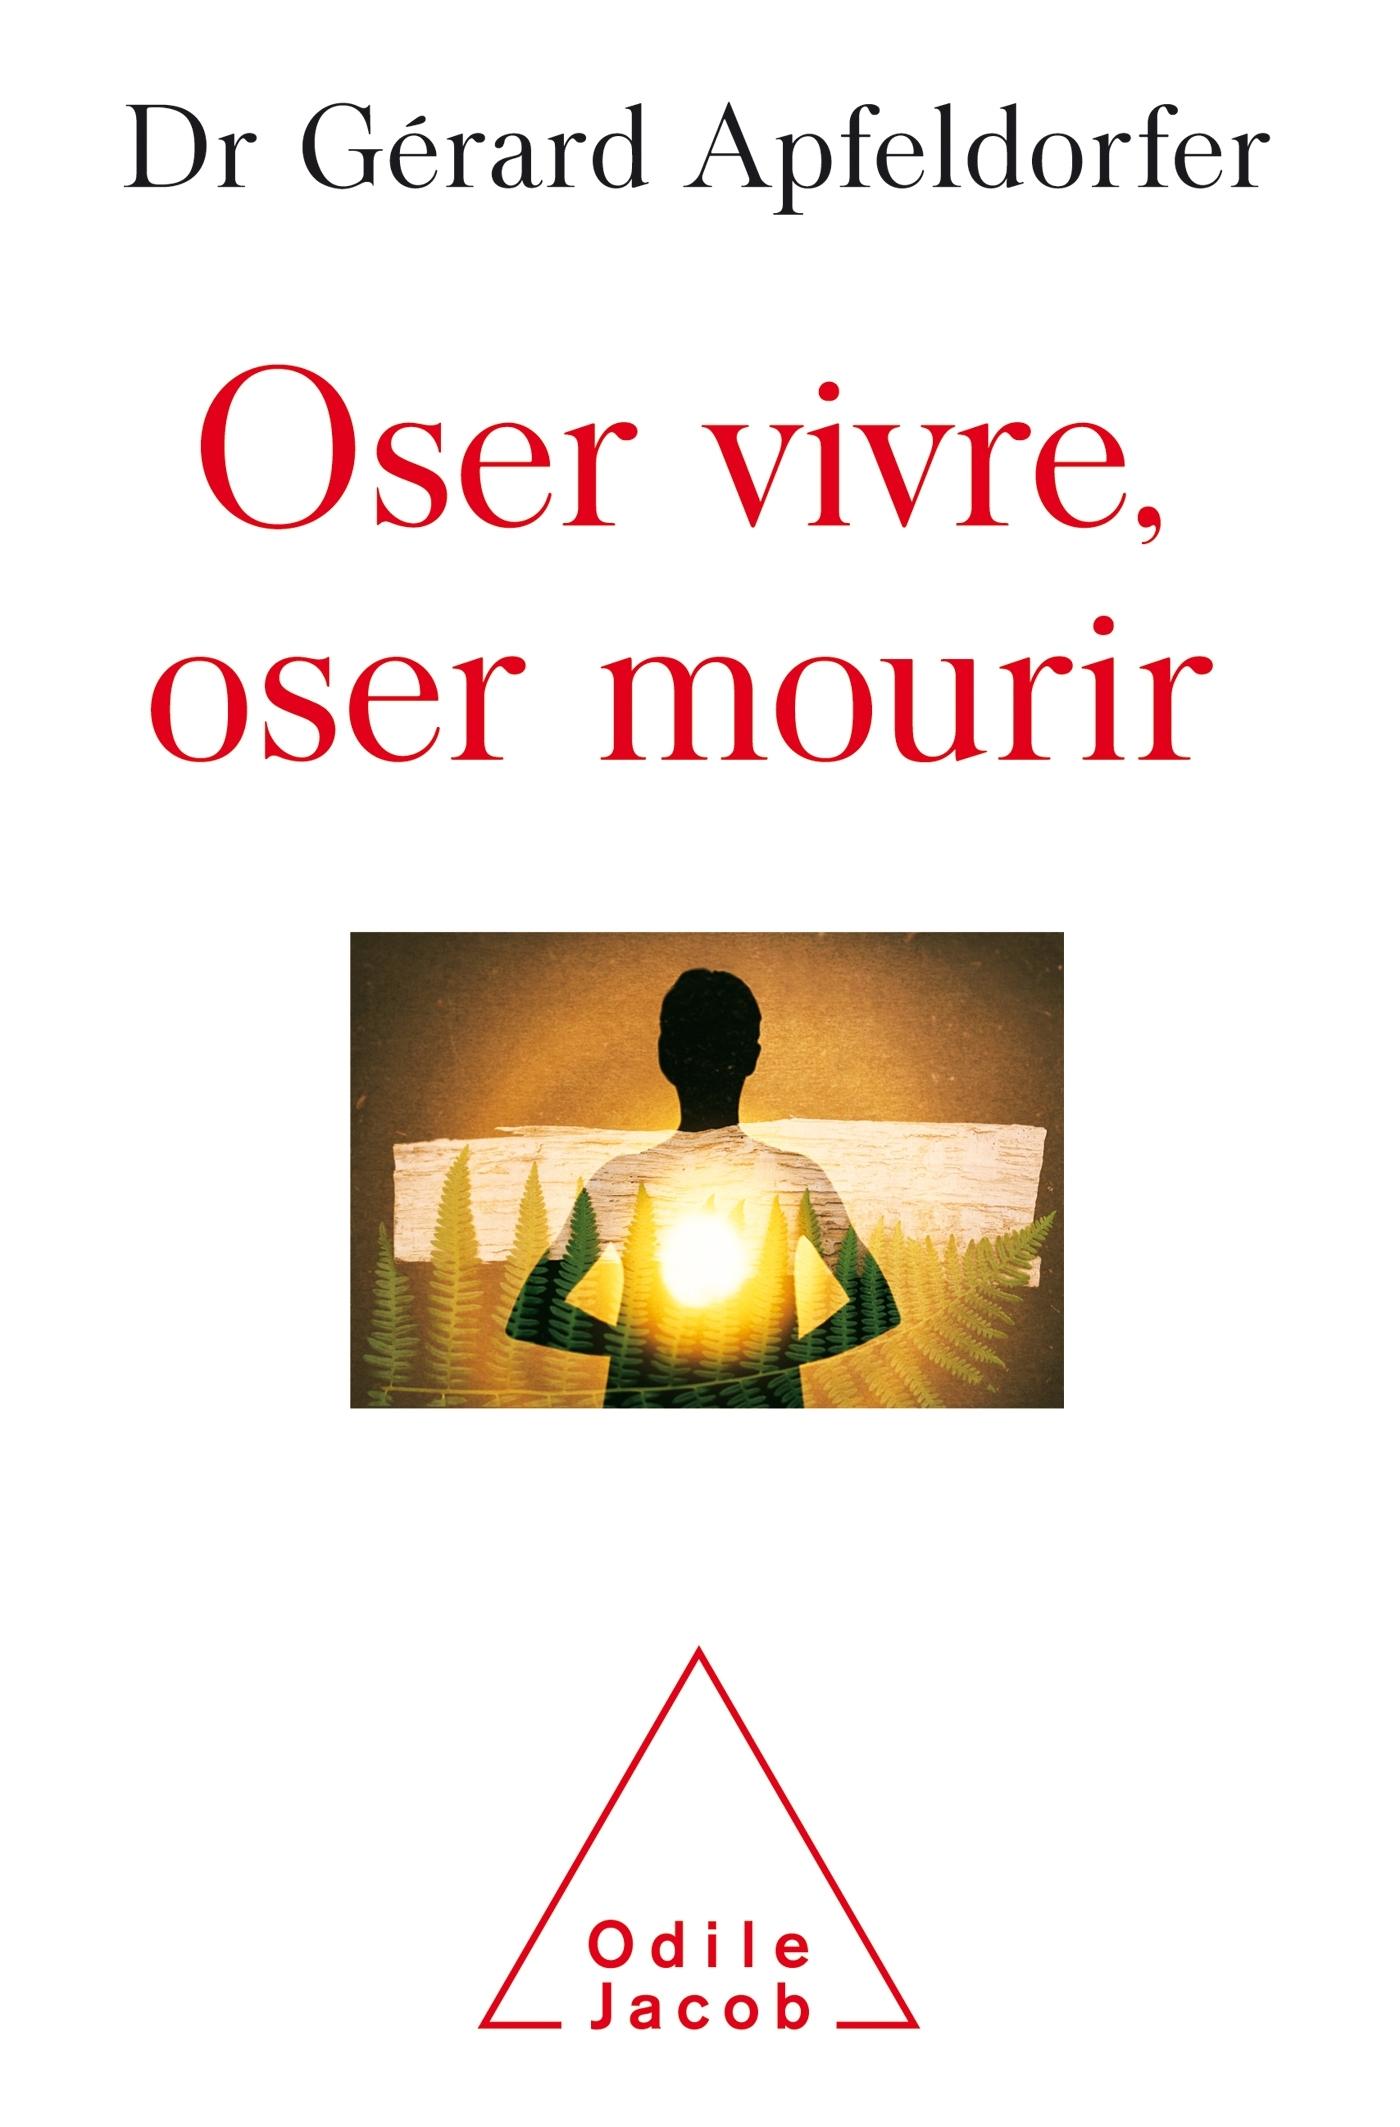 OSER VIVRE, OSER MOURIR